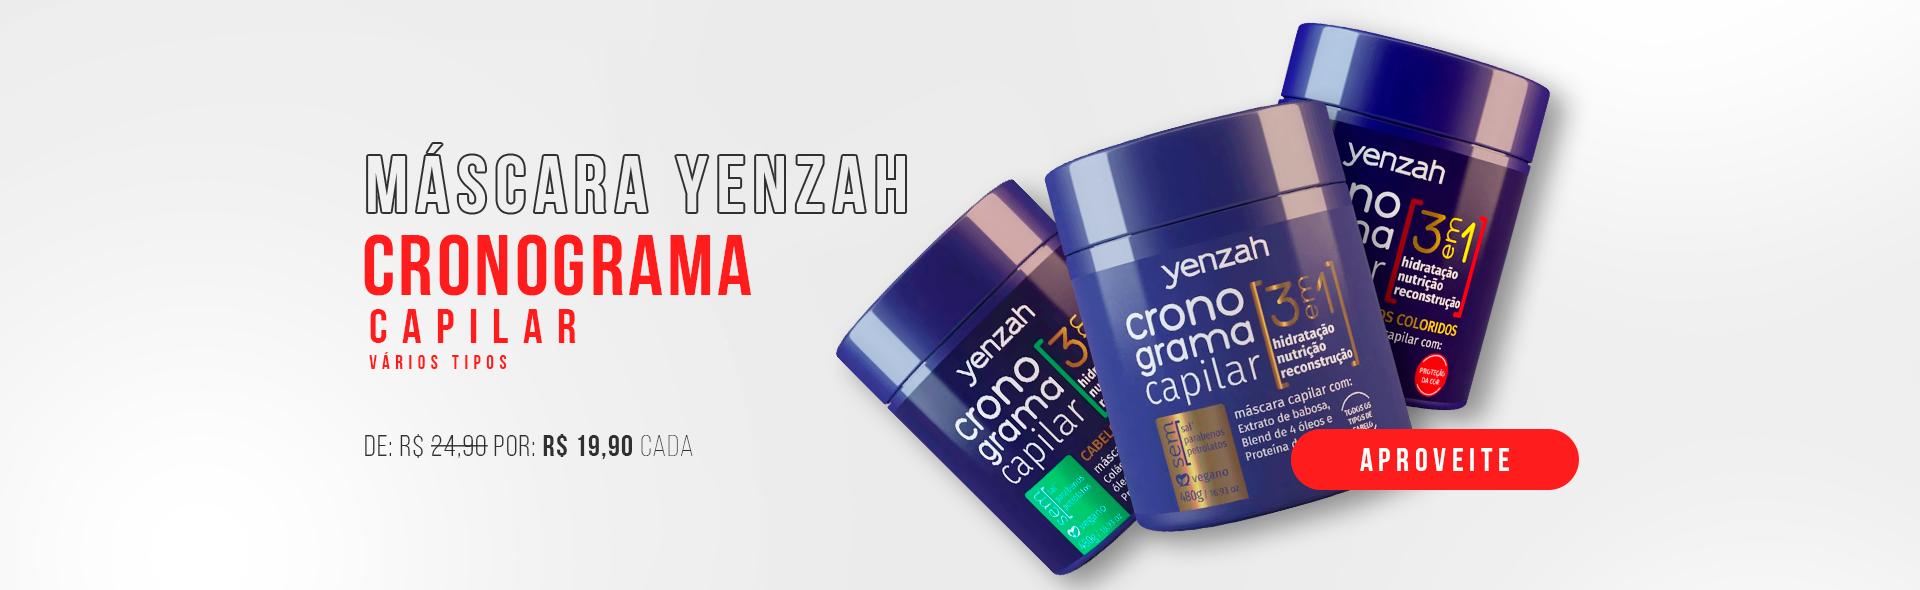 Yenzah